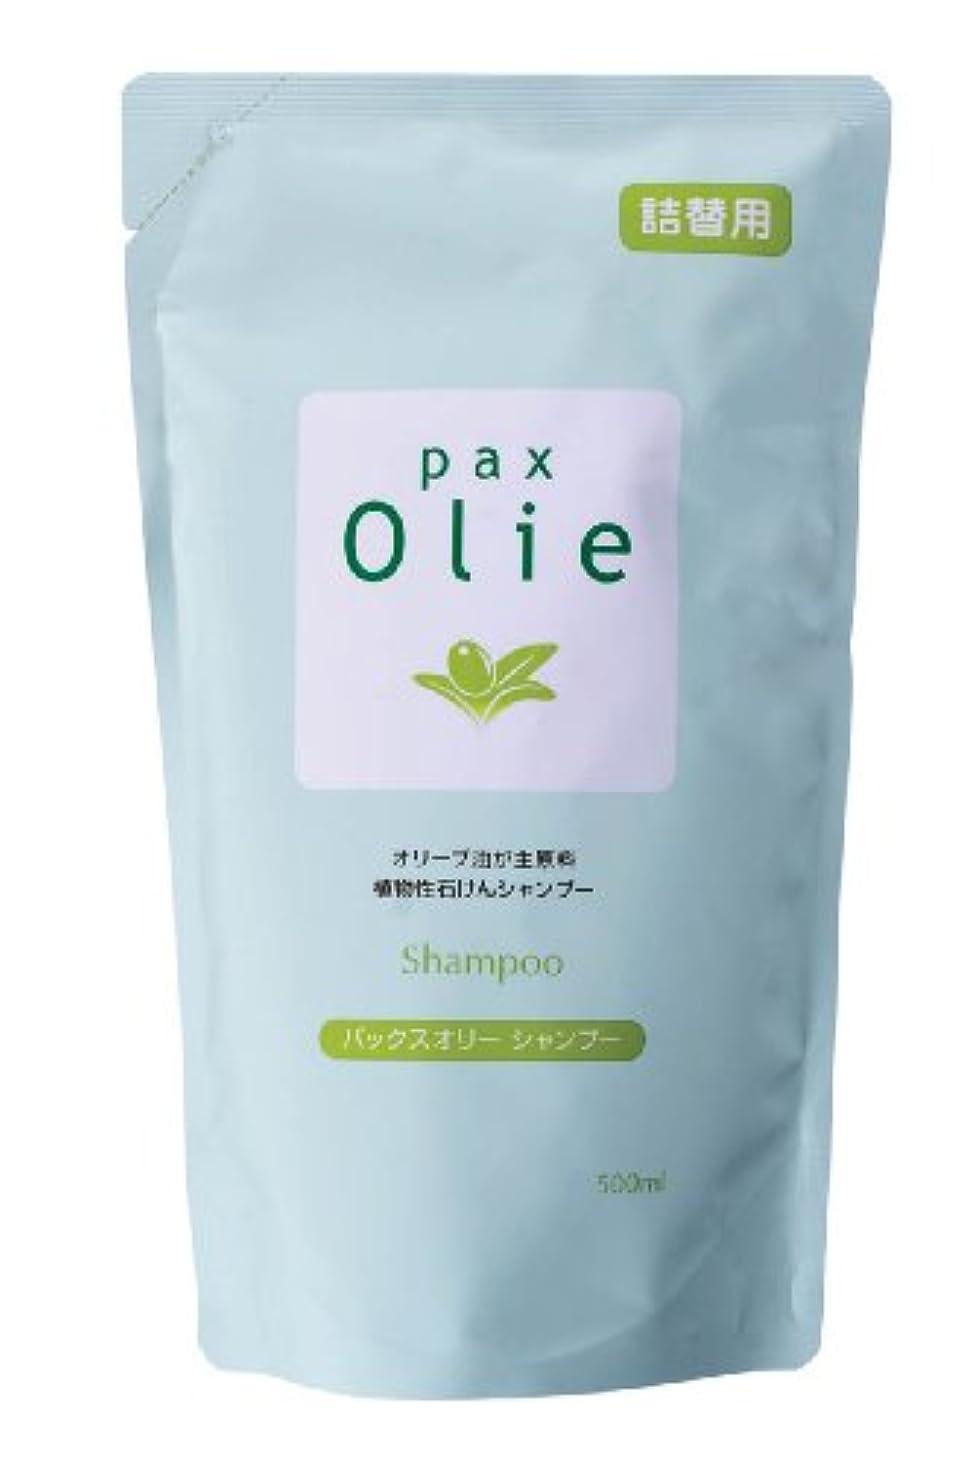 兄弟愛ウィンクフレームワークPAX Olie(パックスオリー) パックスオリー シャンプー 詰替用 500mL